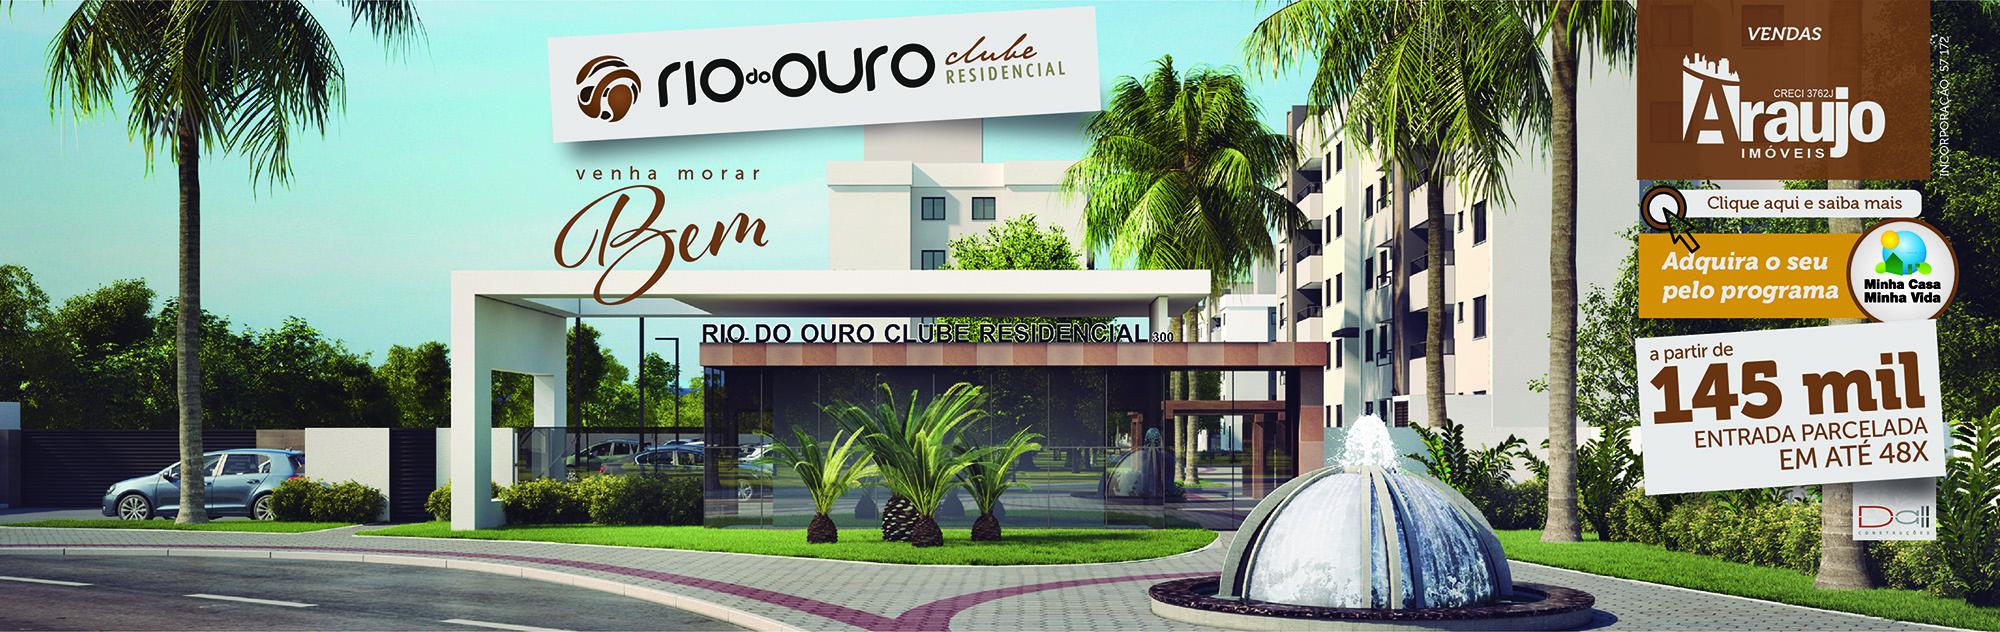 Rio do Ouro Clube Residencial